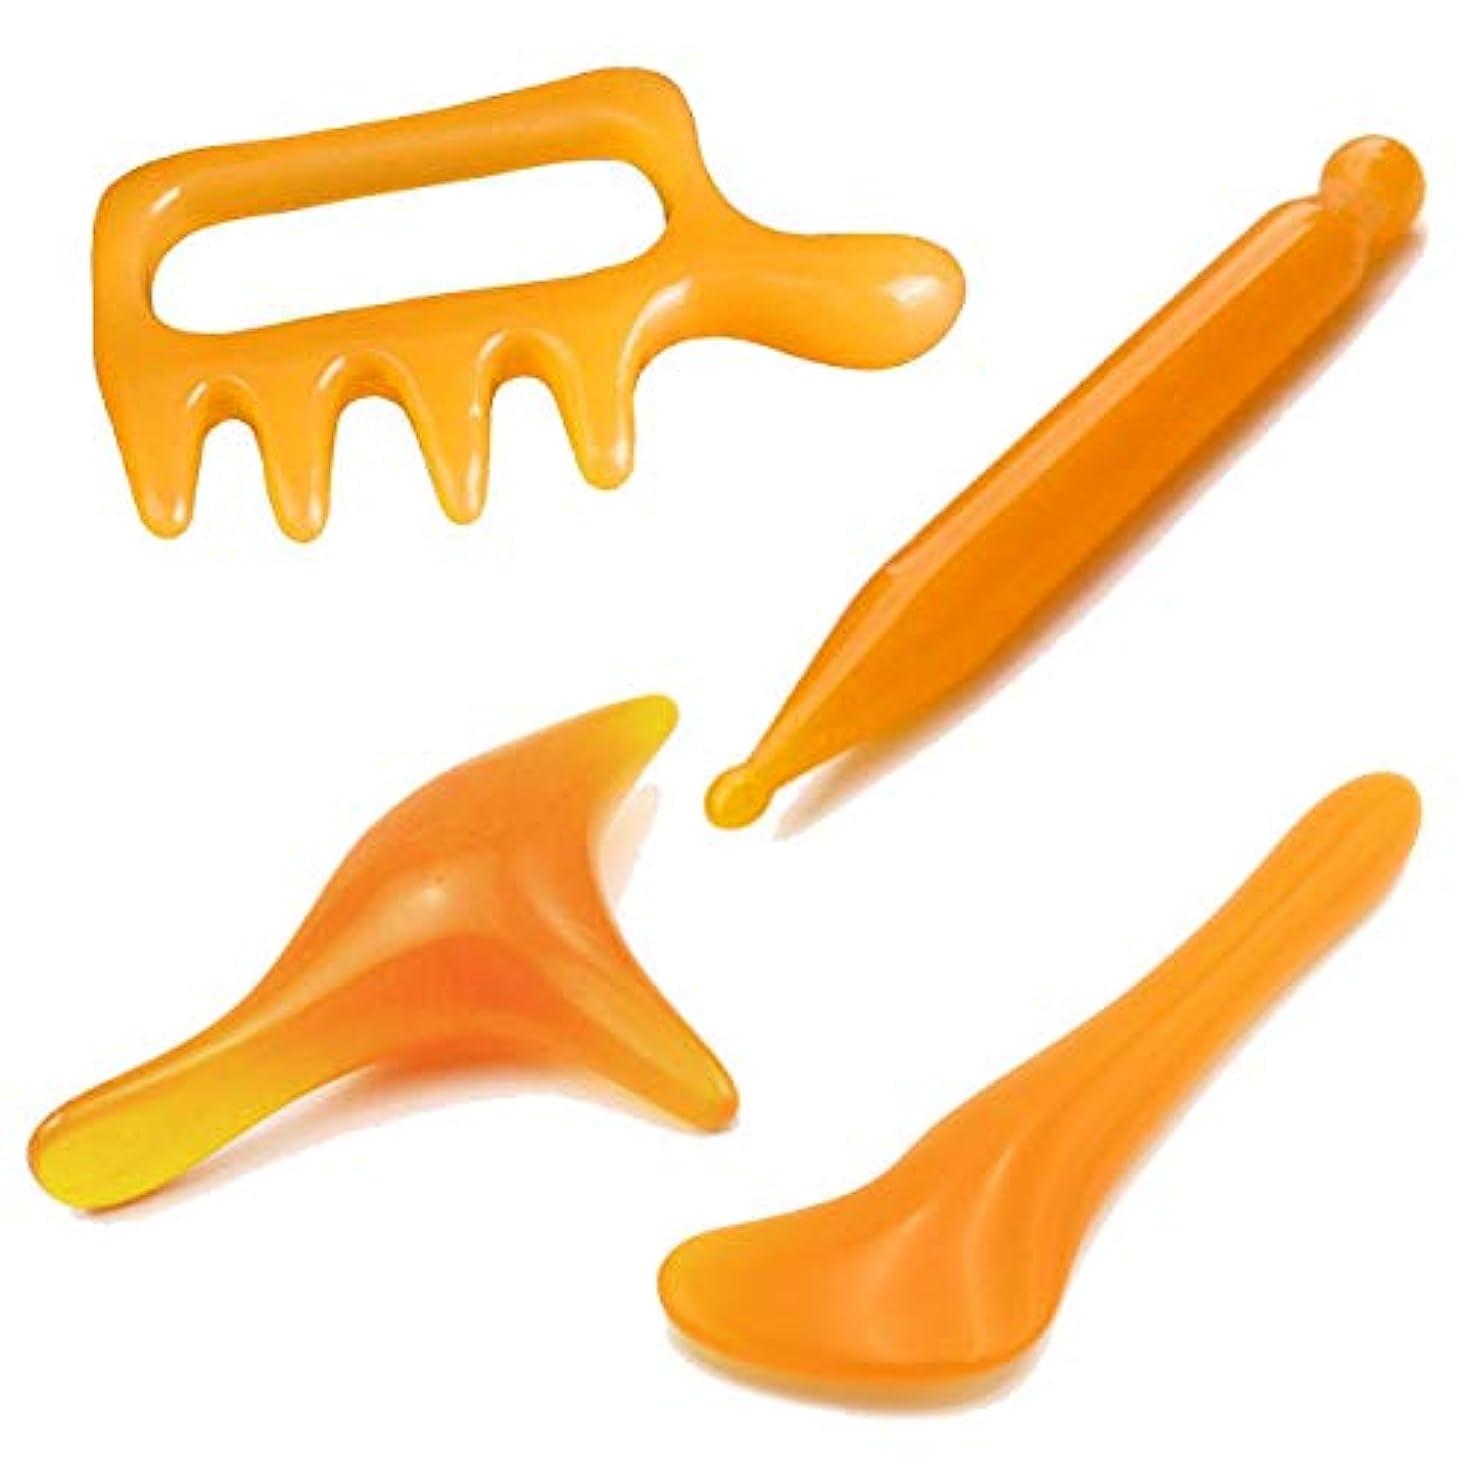 連鎖忘れる改革HAMILO ツボ押し 足つぼ マッサージャー マッサージ棒 手の平サイズ かっさ 押しやすい (4種セット)